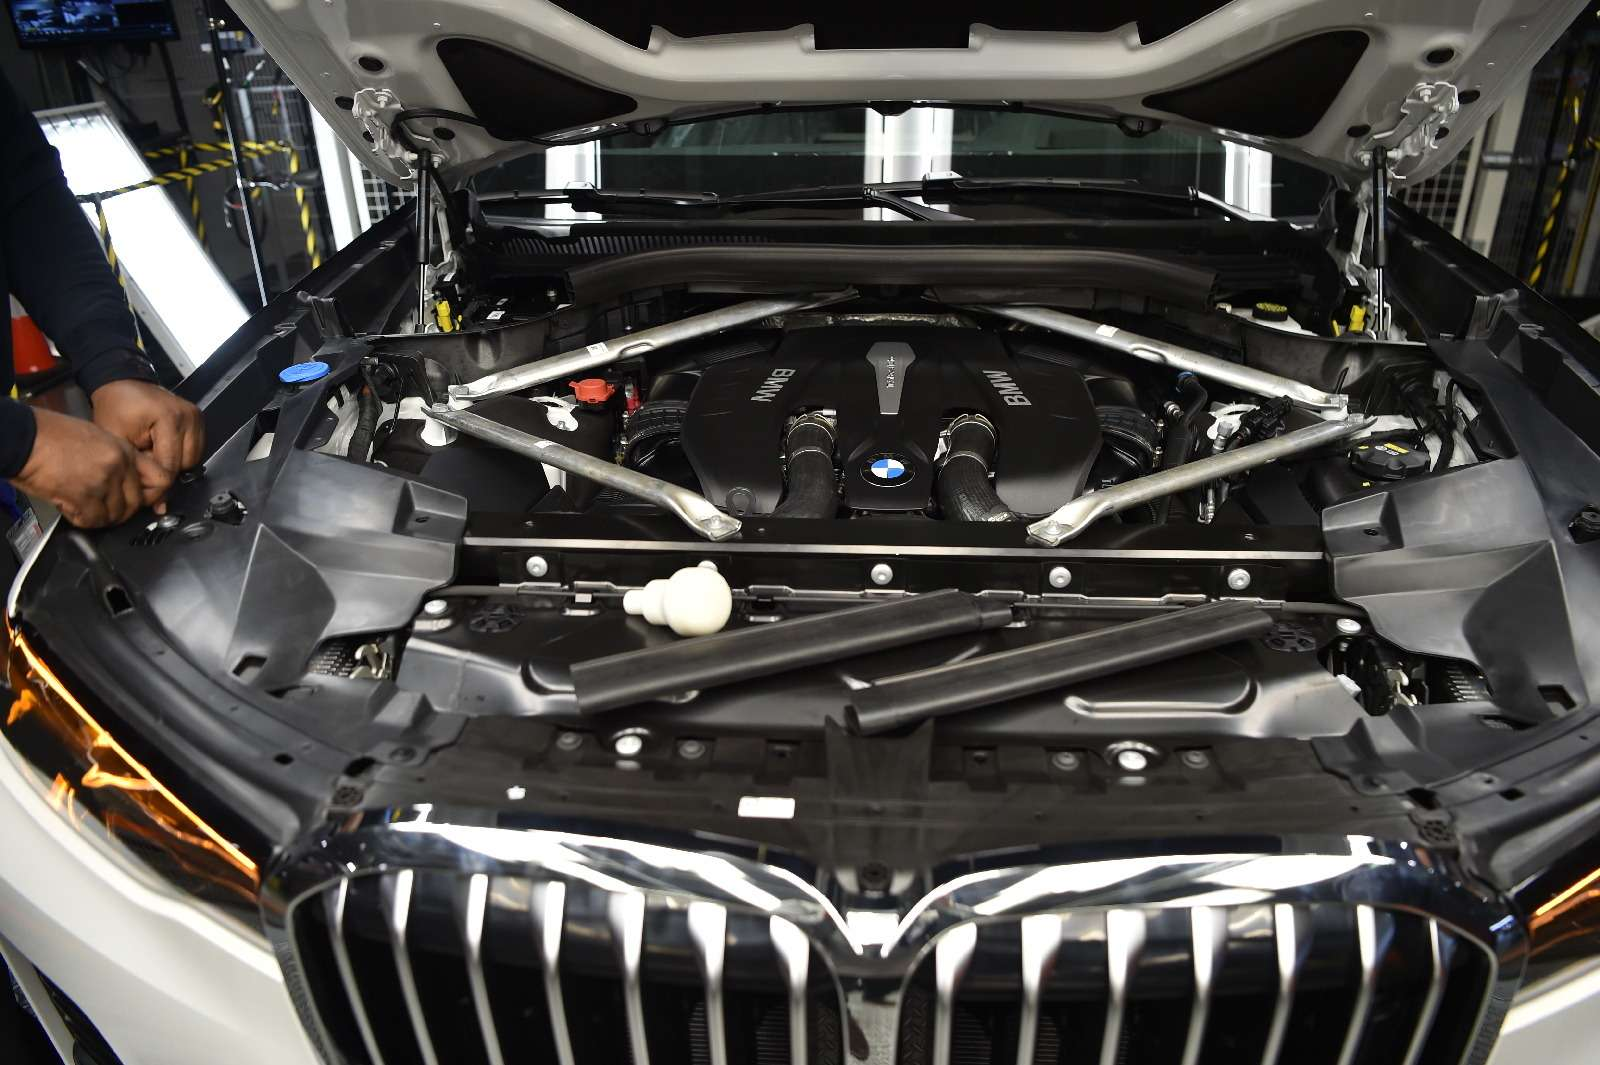 BMWX7встал наконвейер (нокупить его пока нельзя)— фото 828440